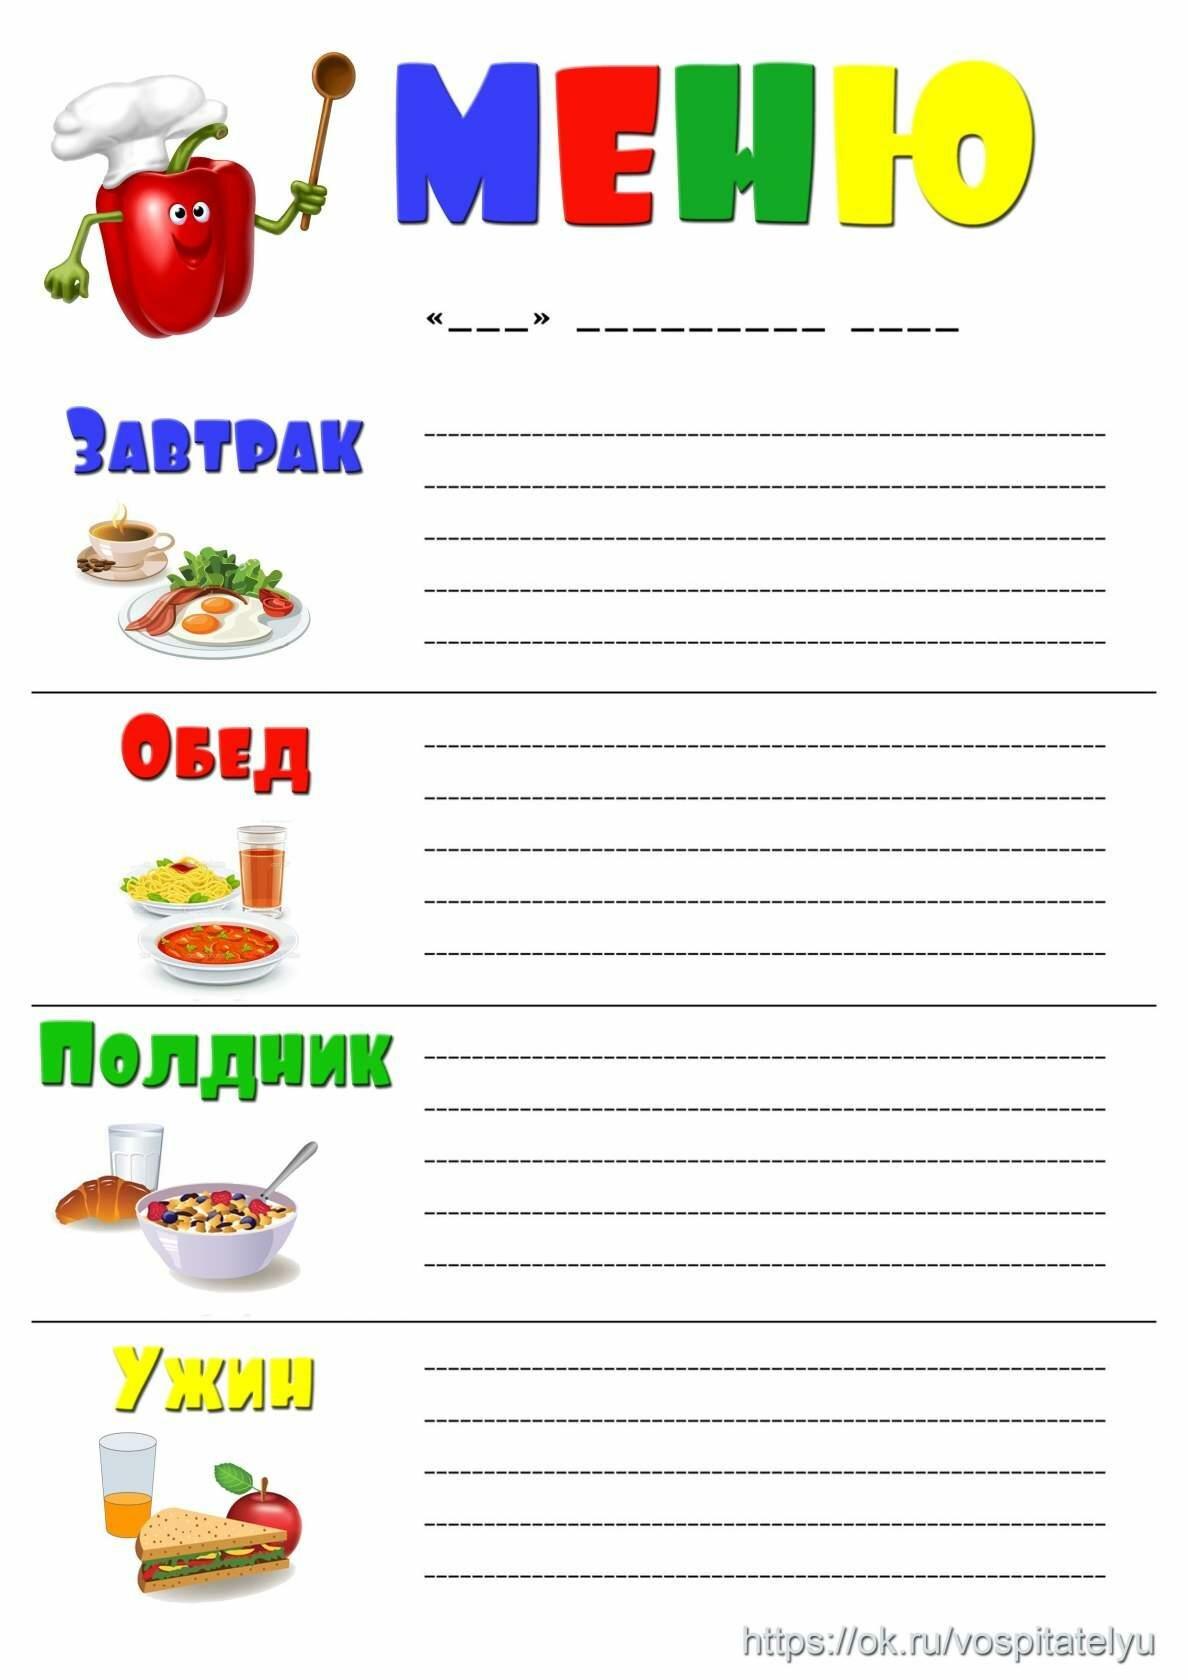 Оформленное меню в картинках